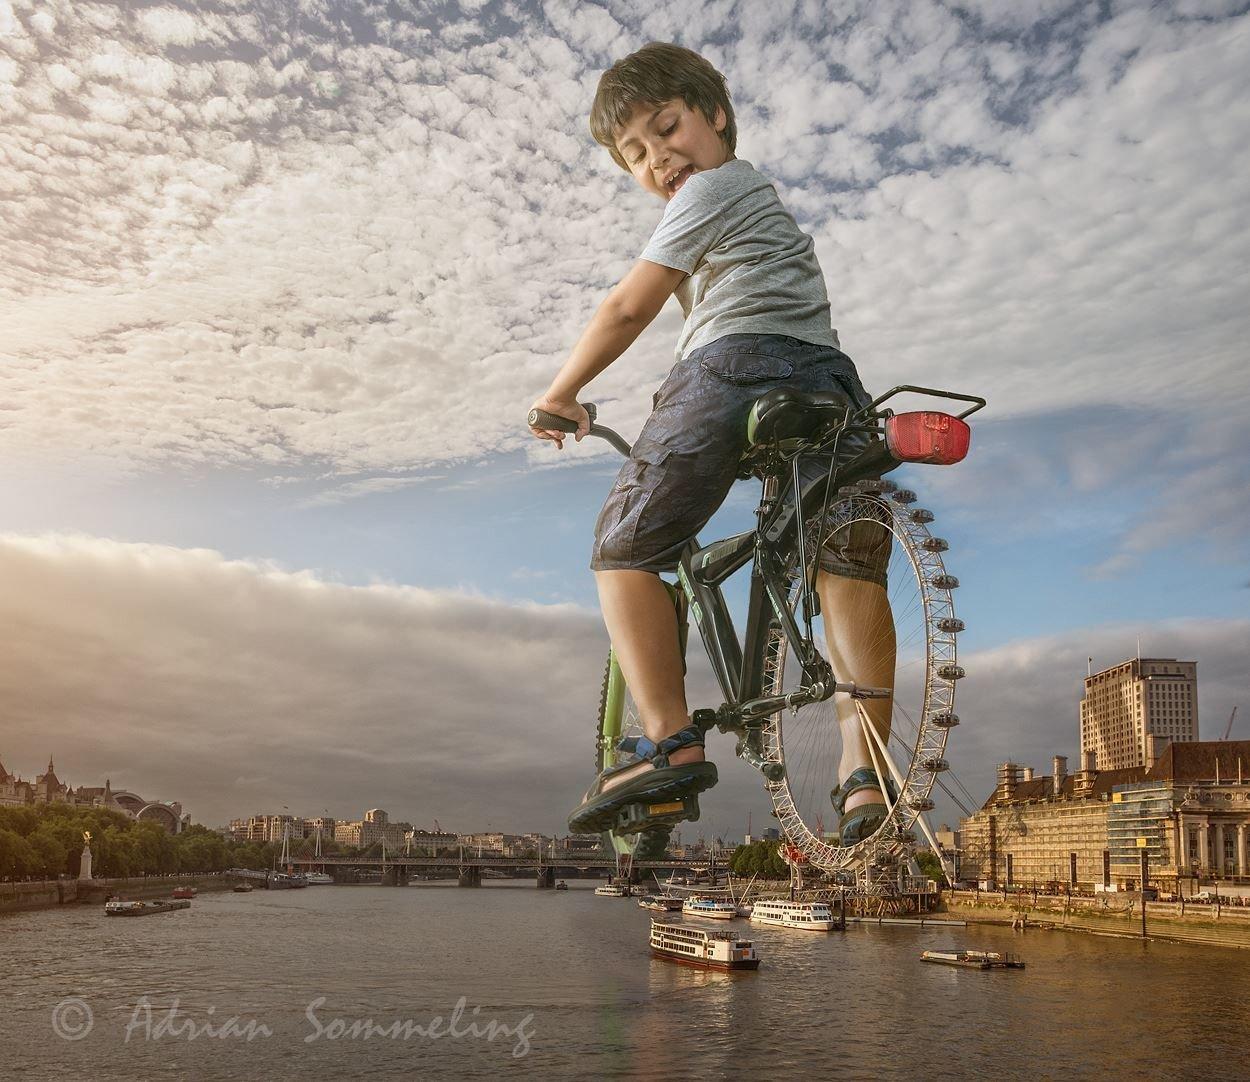 Детство в кадре фотографа Эдриана Соммелинга